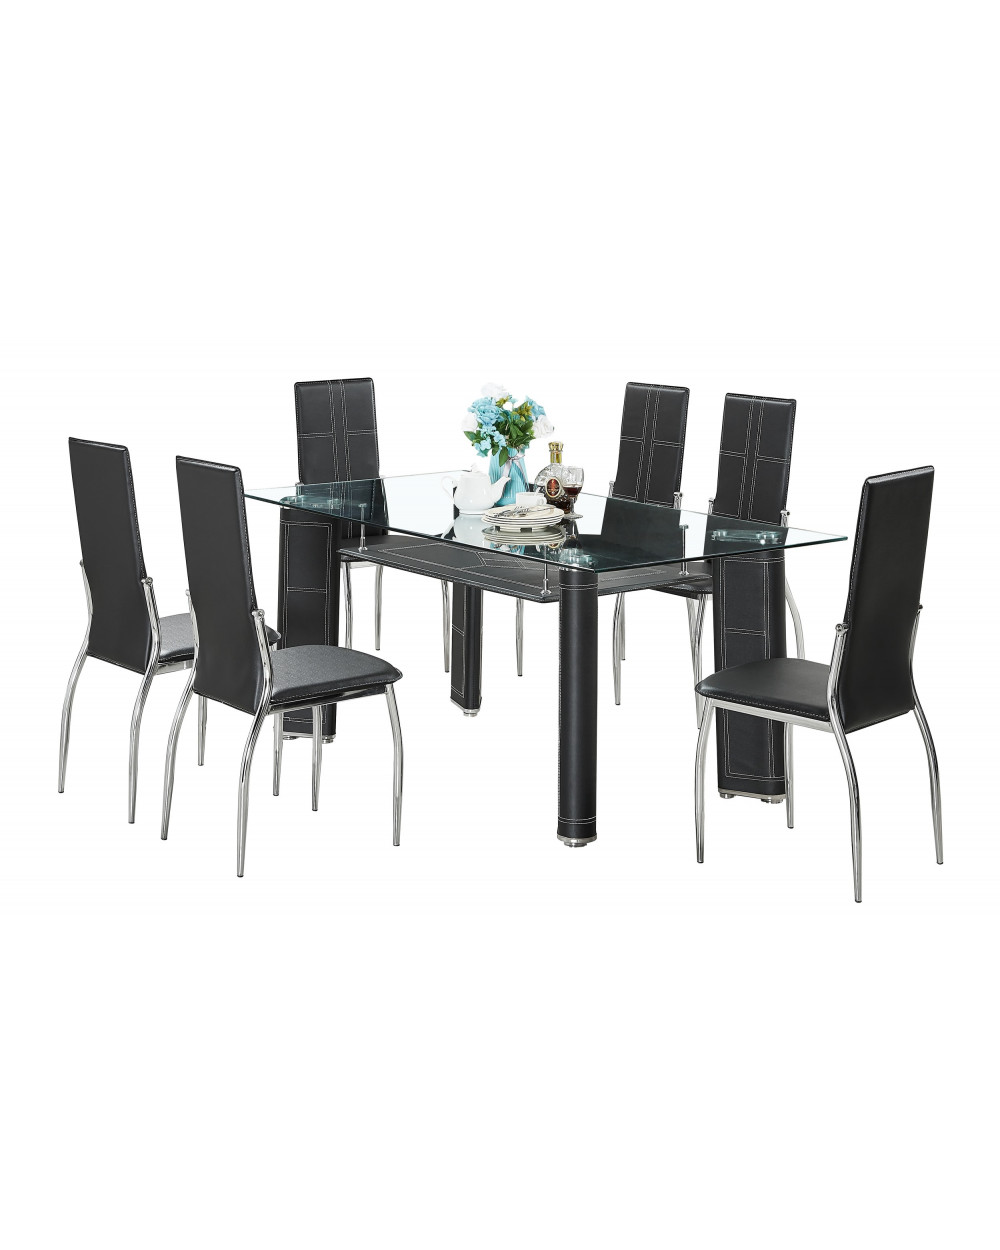 Familia comedor vidrio templado AD-DT145 + 6 sillas AD-355